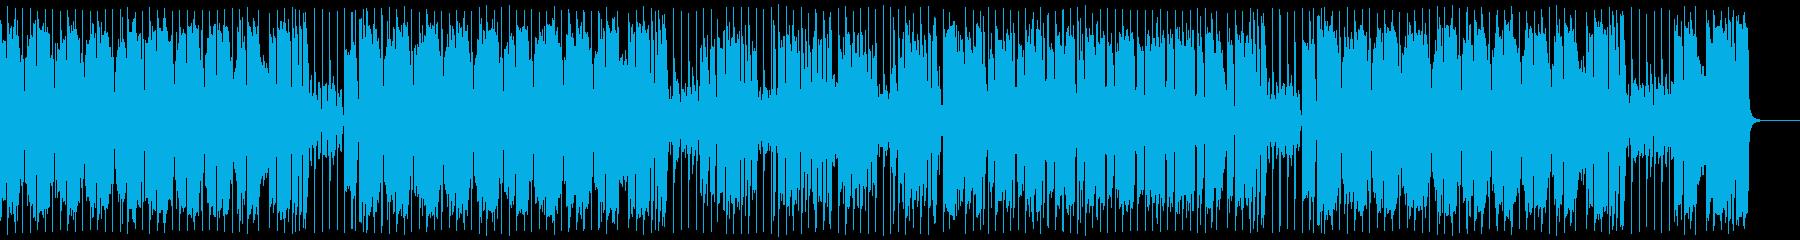 パワフルで派手なビッグバンドファンクの再生済みの波形